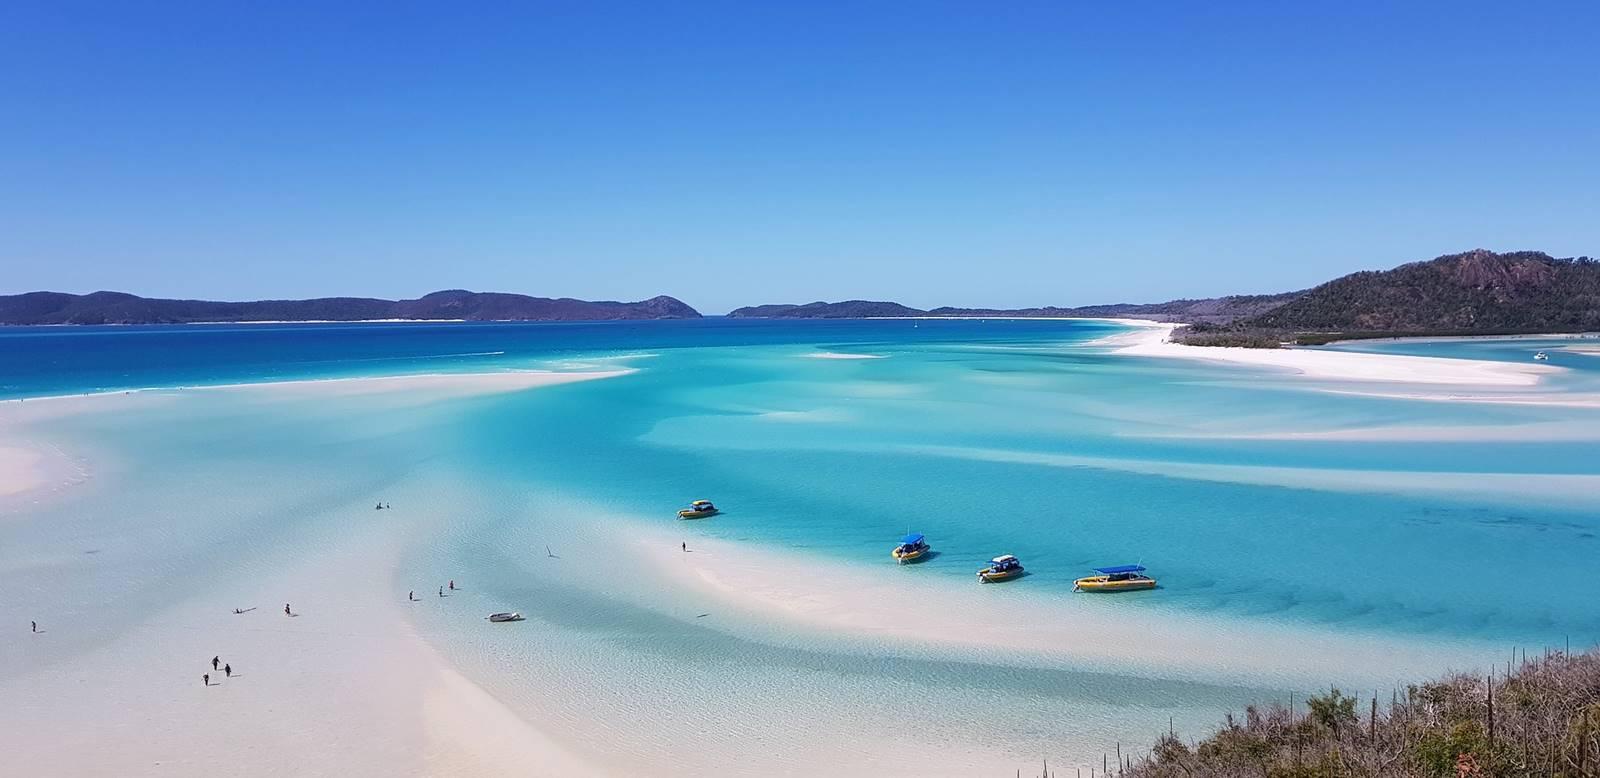 聖靈群島-景點-推薦-必玩-必去-必遊-好玩-自由行-自助-行程-遊記-旅遊-澳洲-Whitsundays-Travel-Attraction-Australia